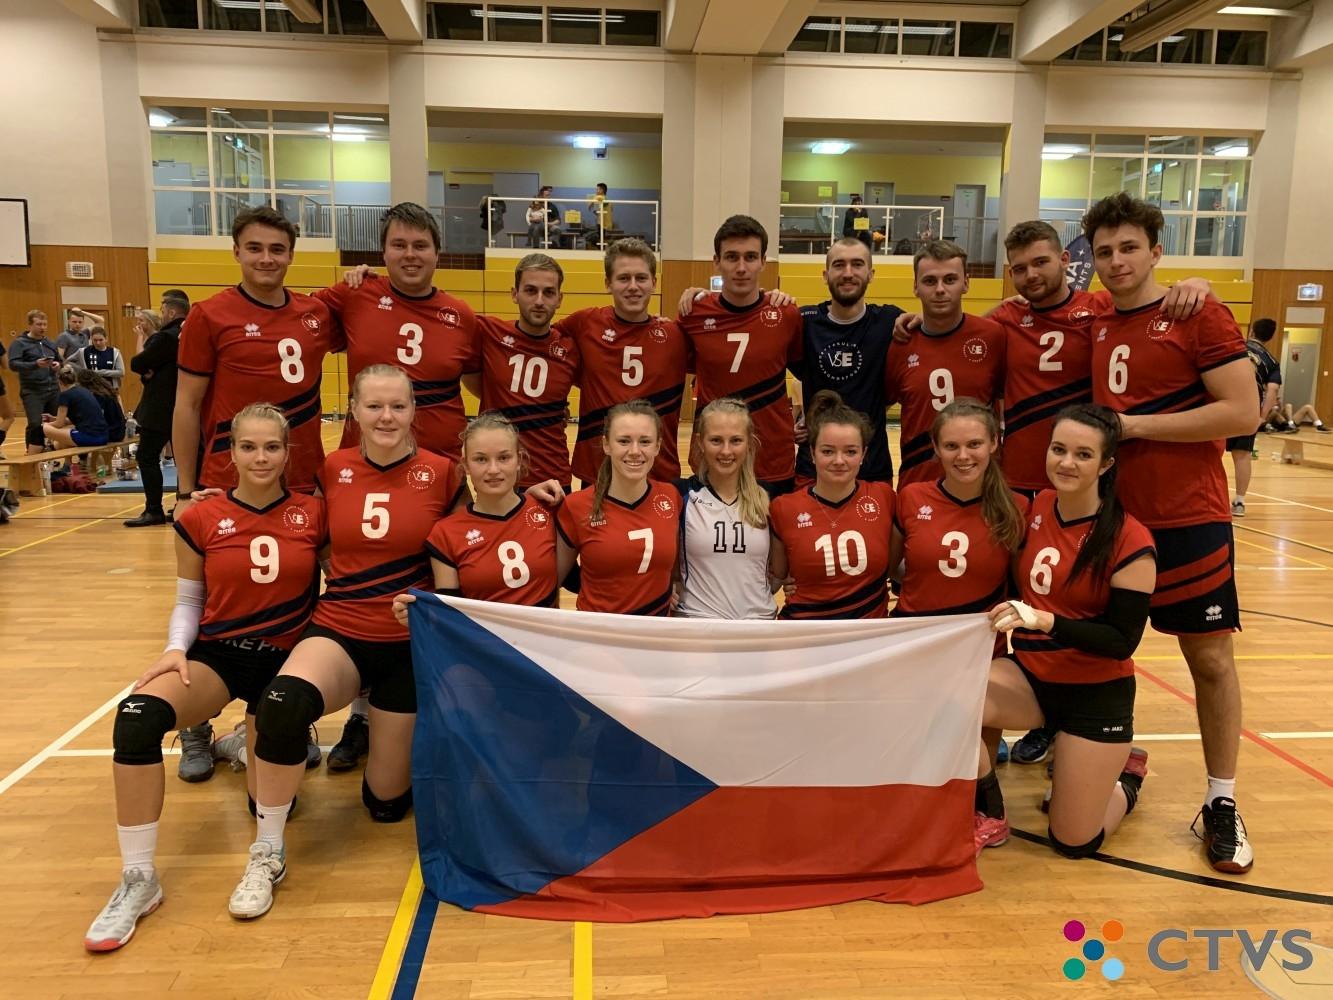 Volejbalové reprezentace VŠE na turnaji Euroijada 2019 v Berlíně